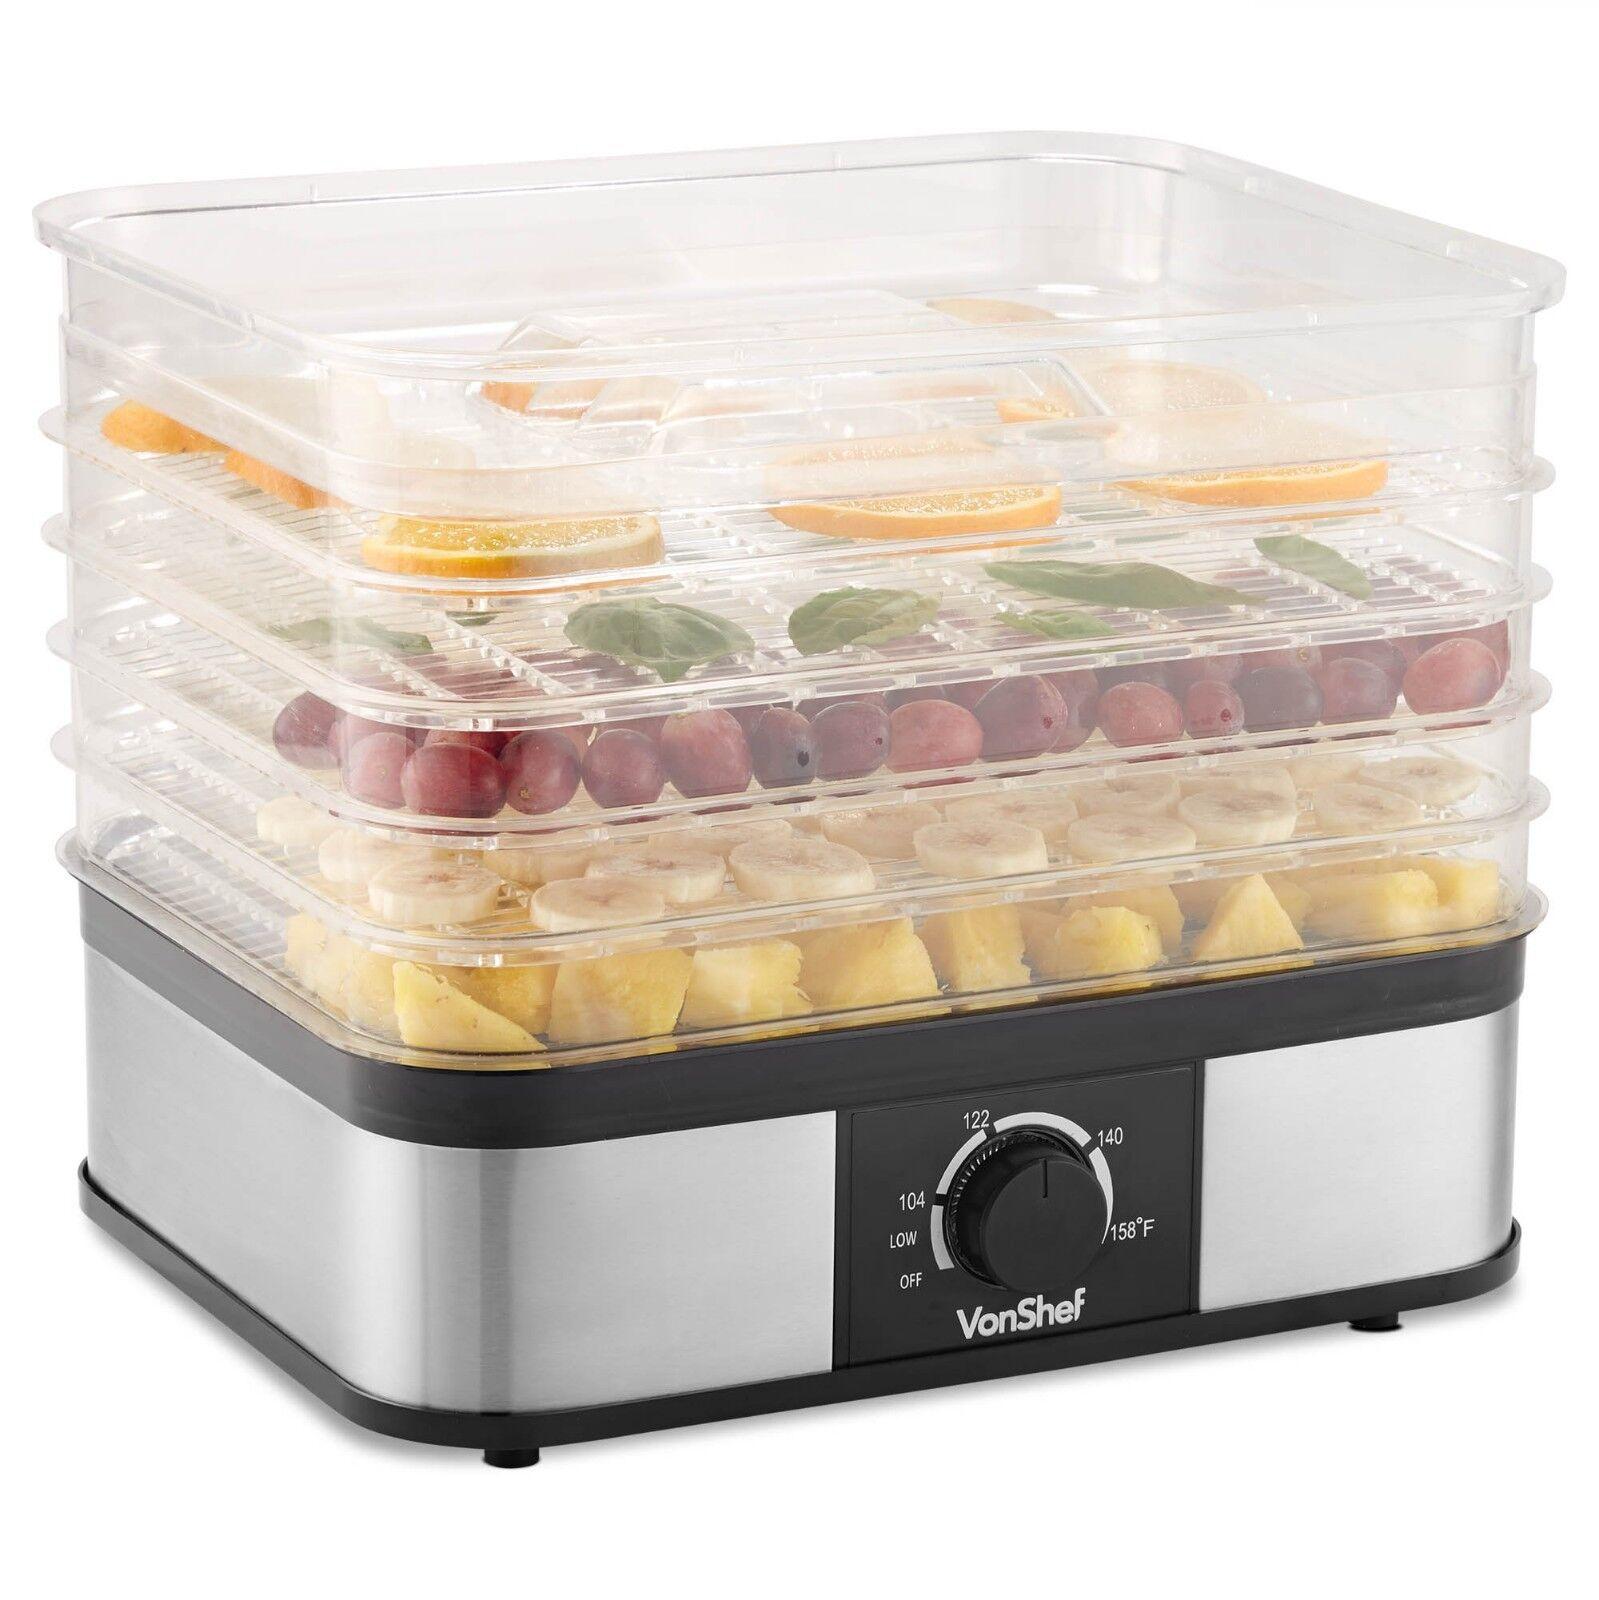 VonShef 5 Tray Food Dehydrator Machine Electric Food Preserv